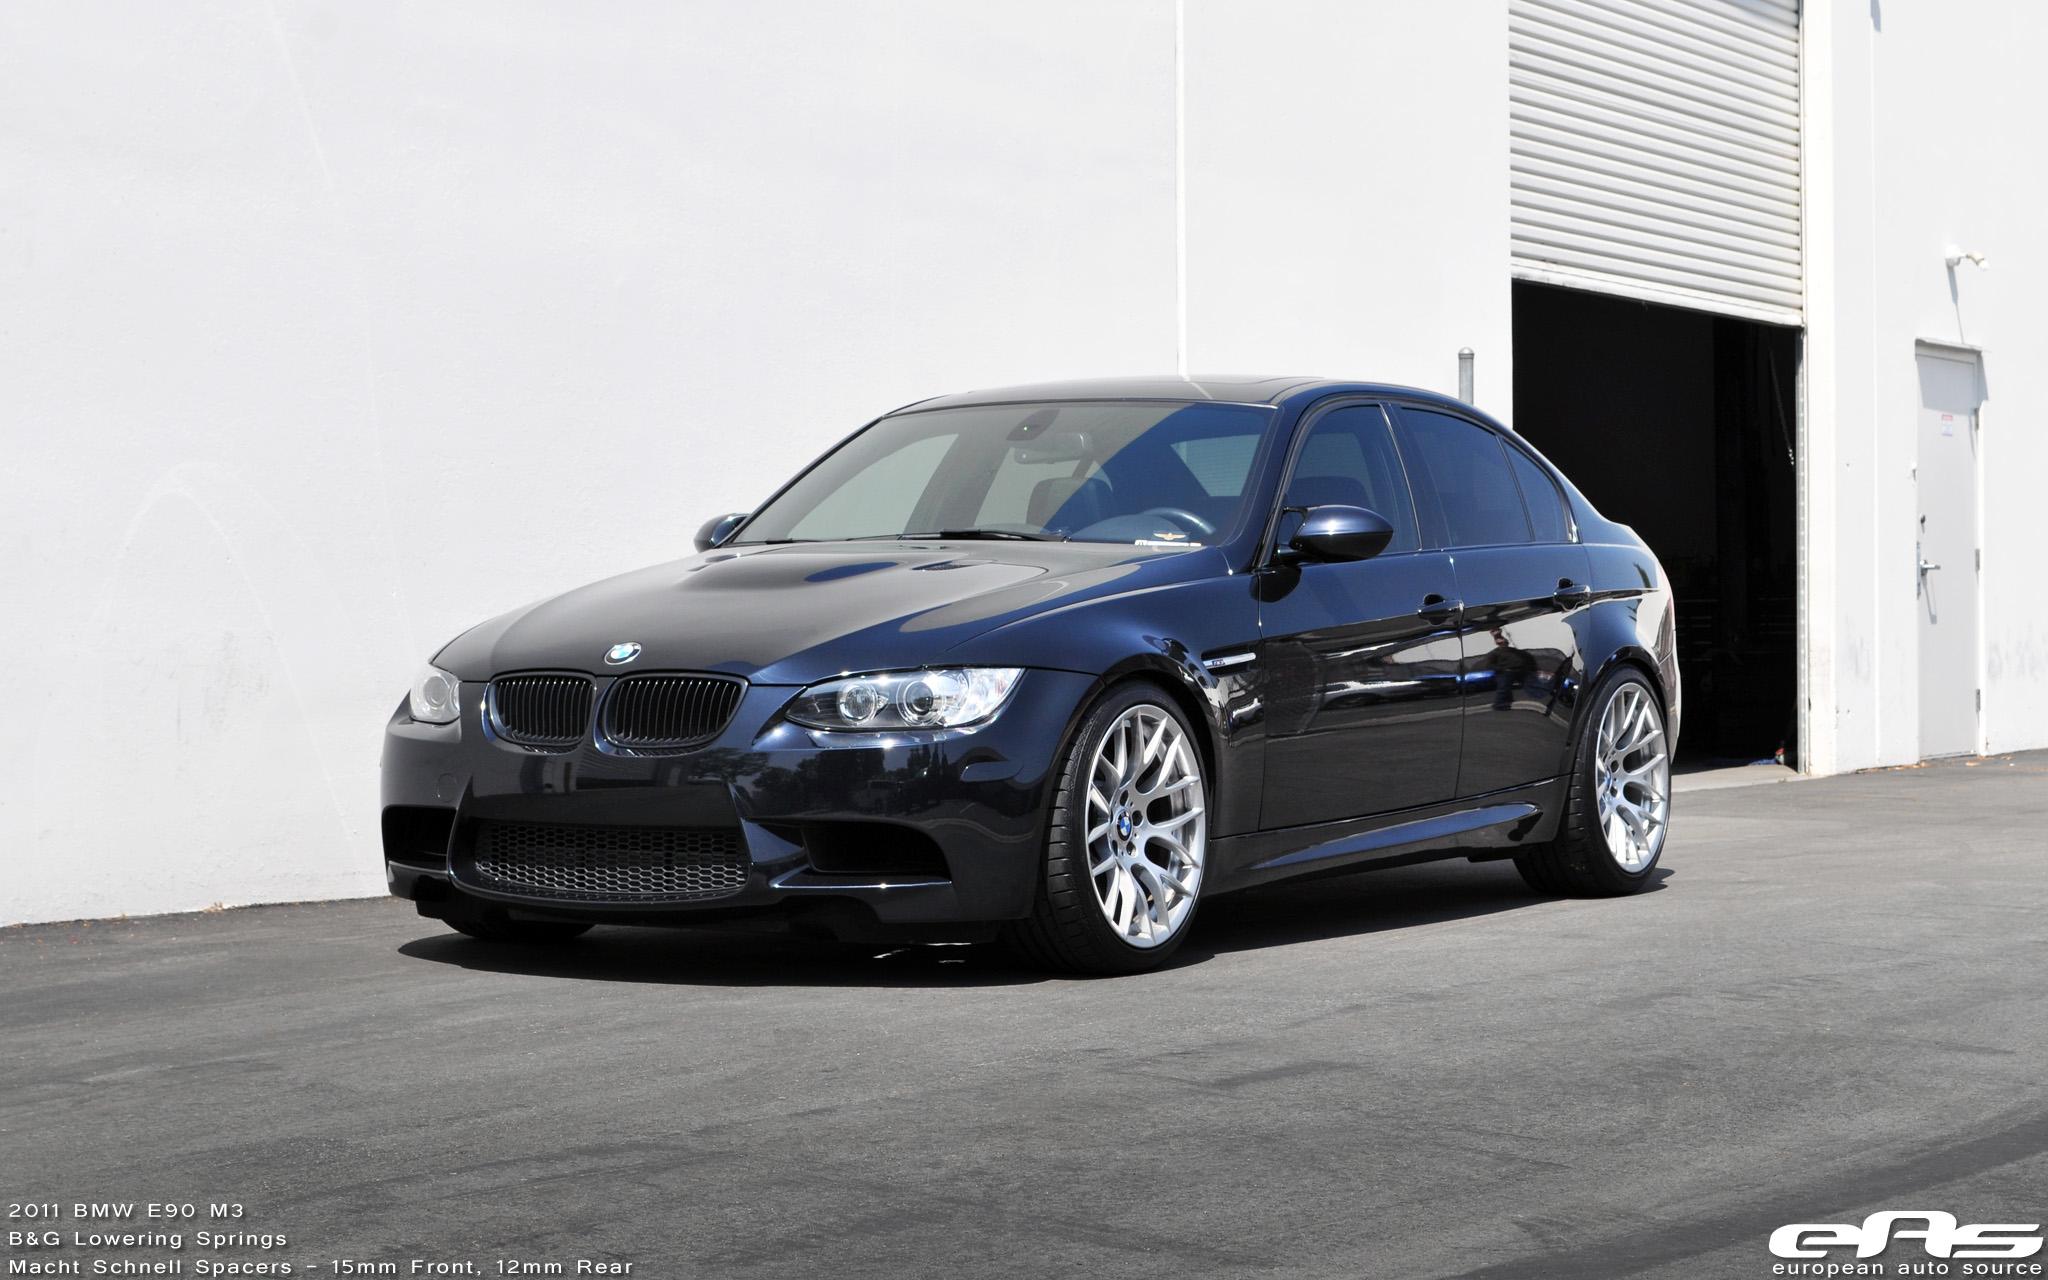 Bmw E36 M3 Tbilisi Posts: BMW M3 Forum (E90 E92)